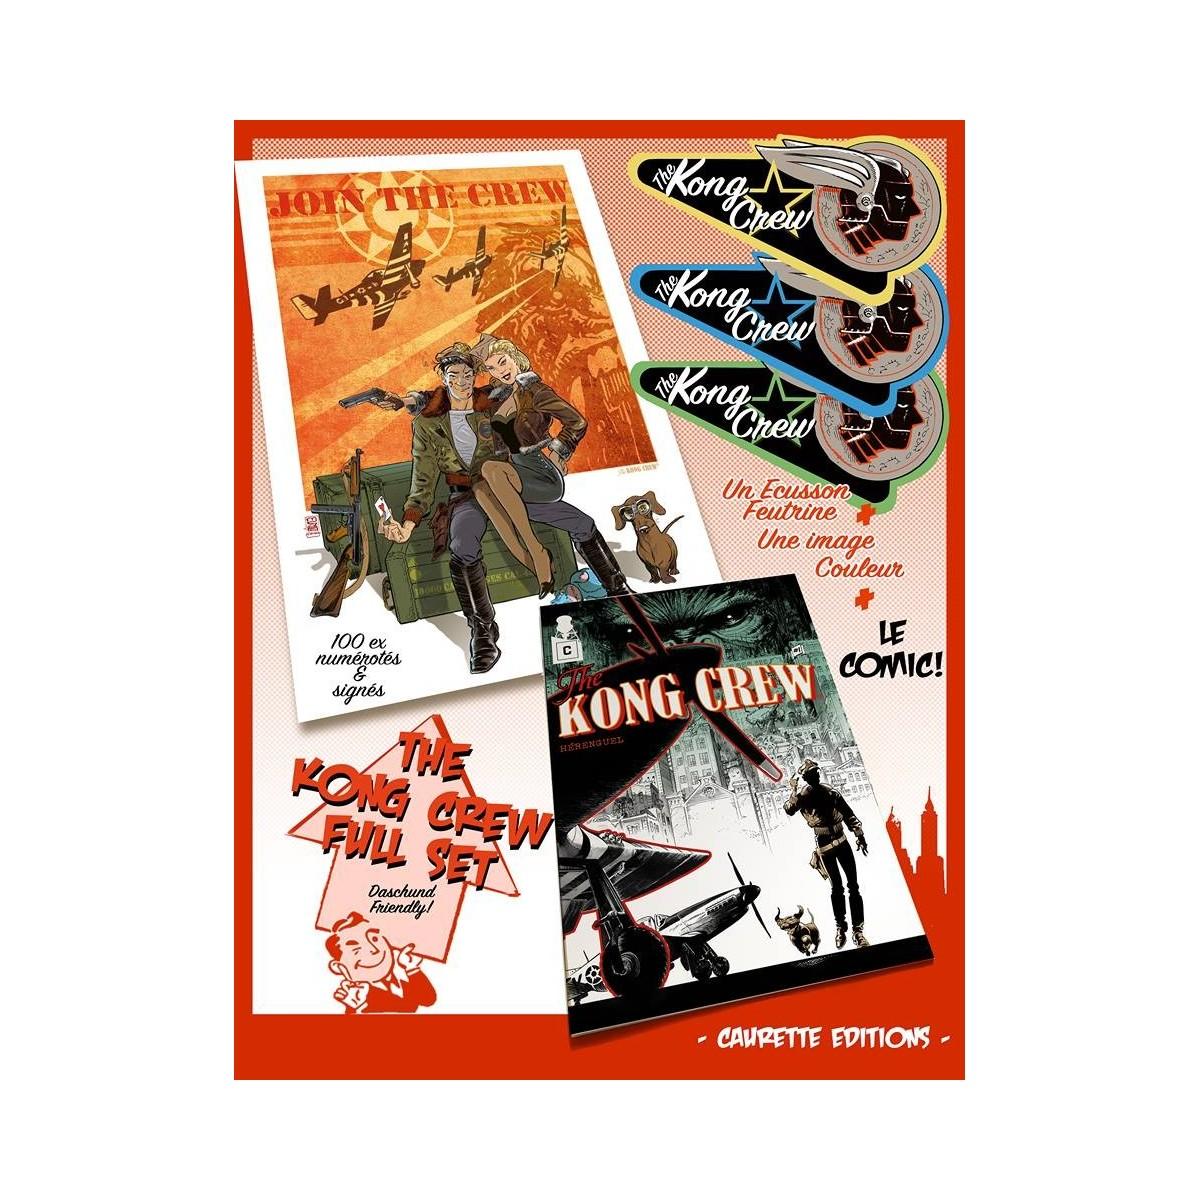 PACK - The KONG CREW - comic + écusson + print (signé et numéroté) - Eric Hérenguel